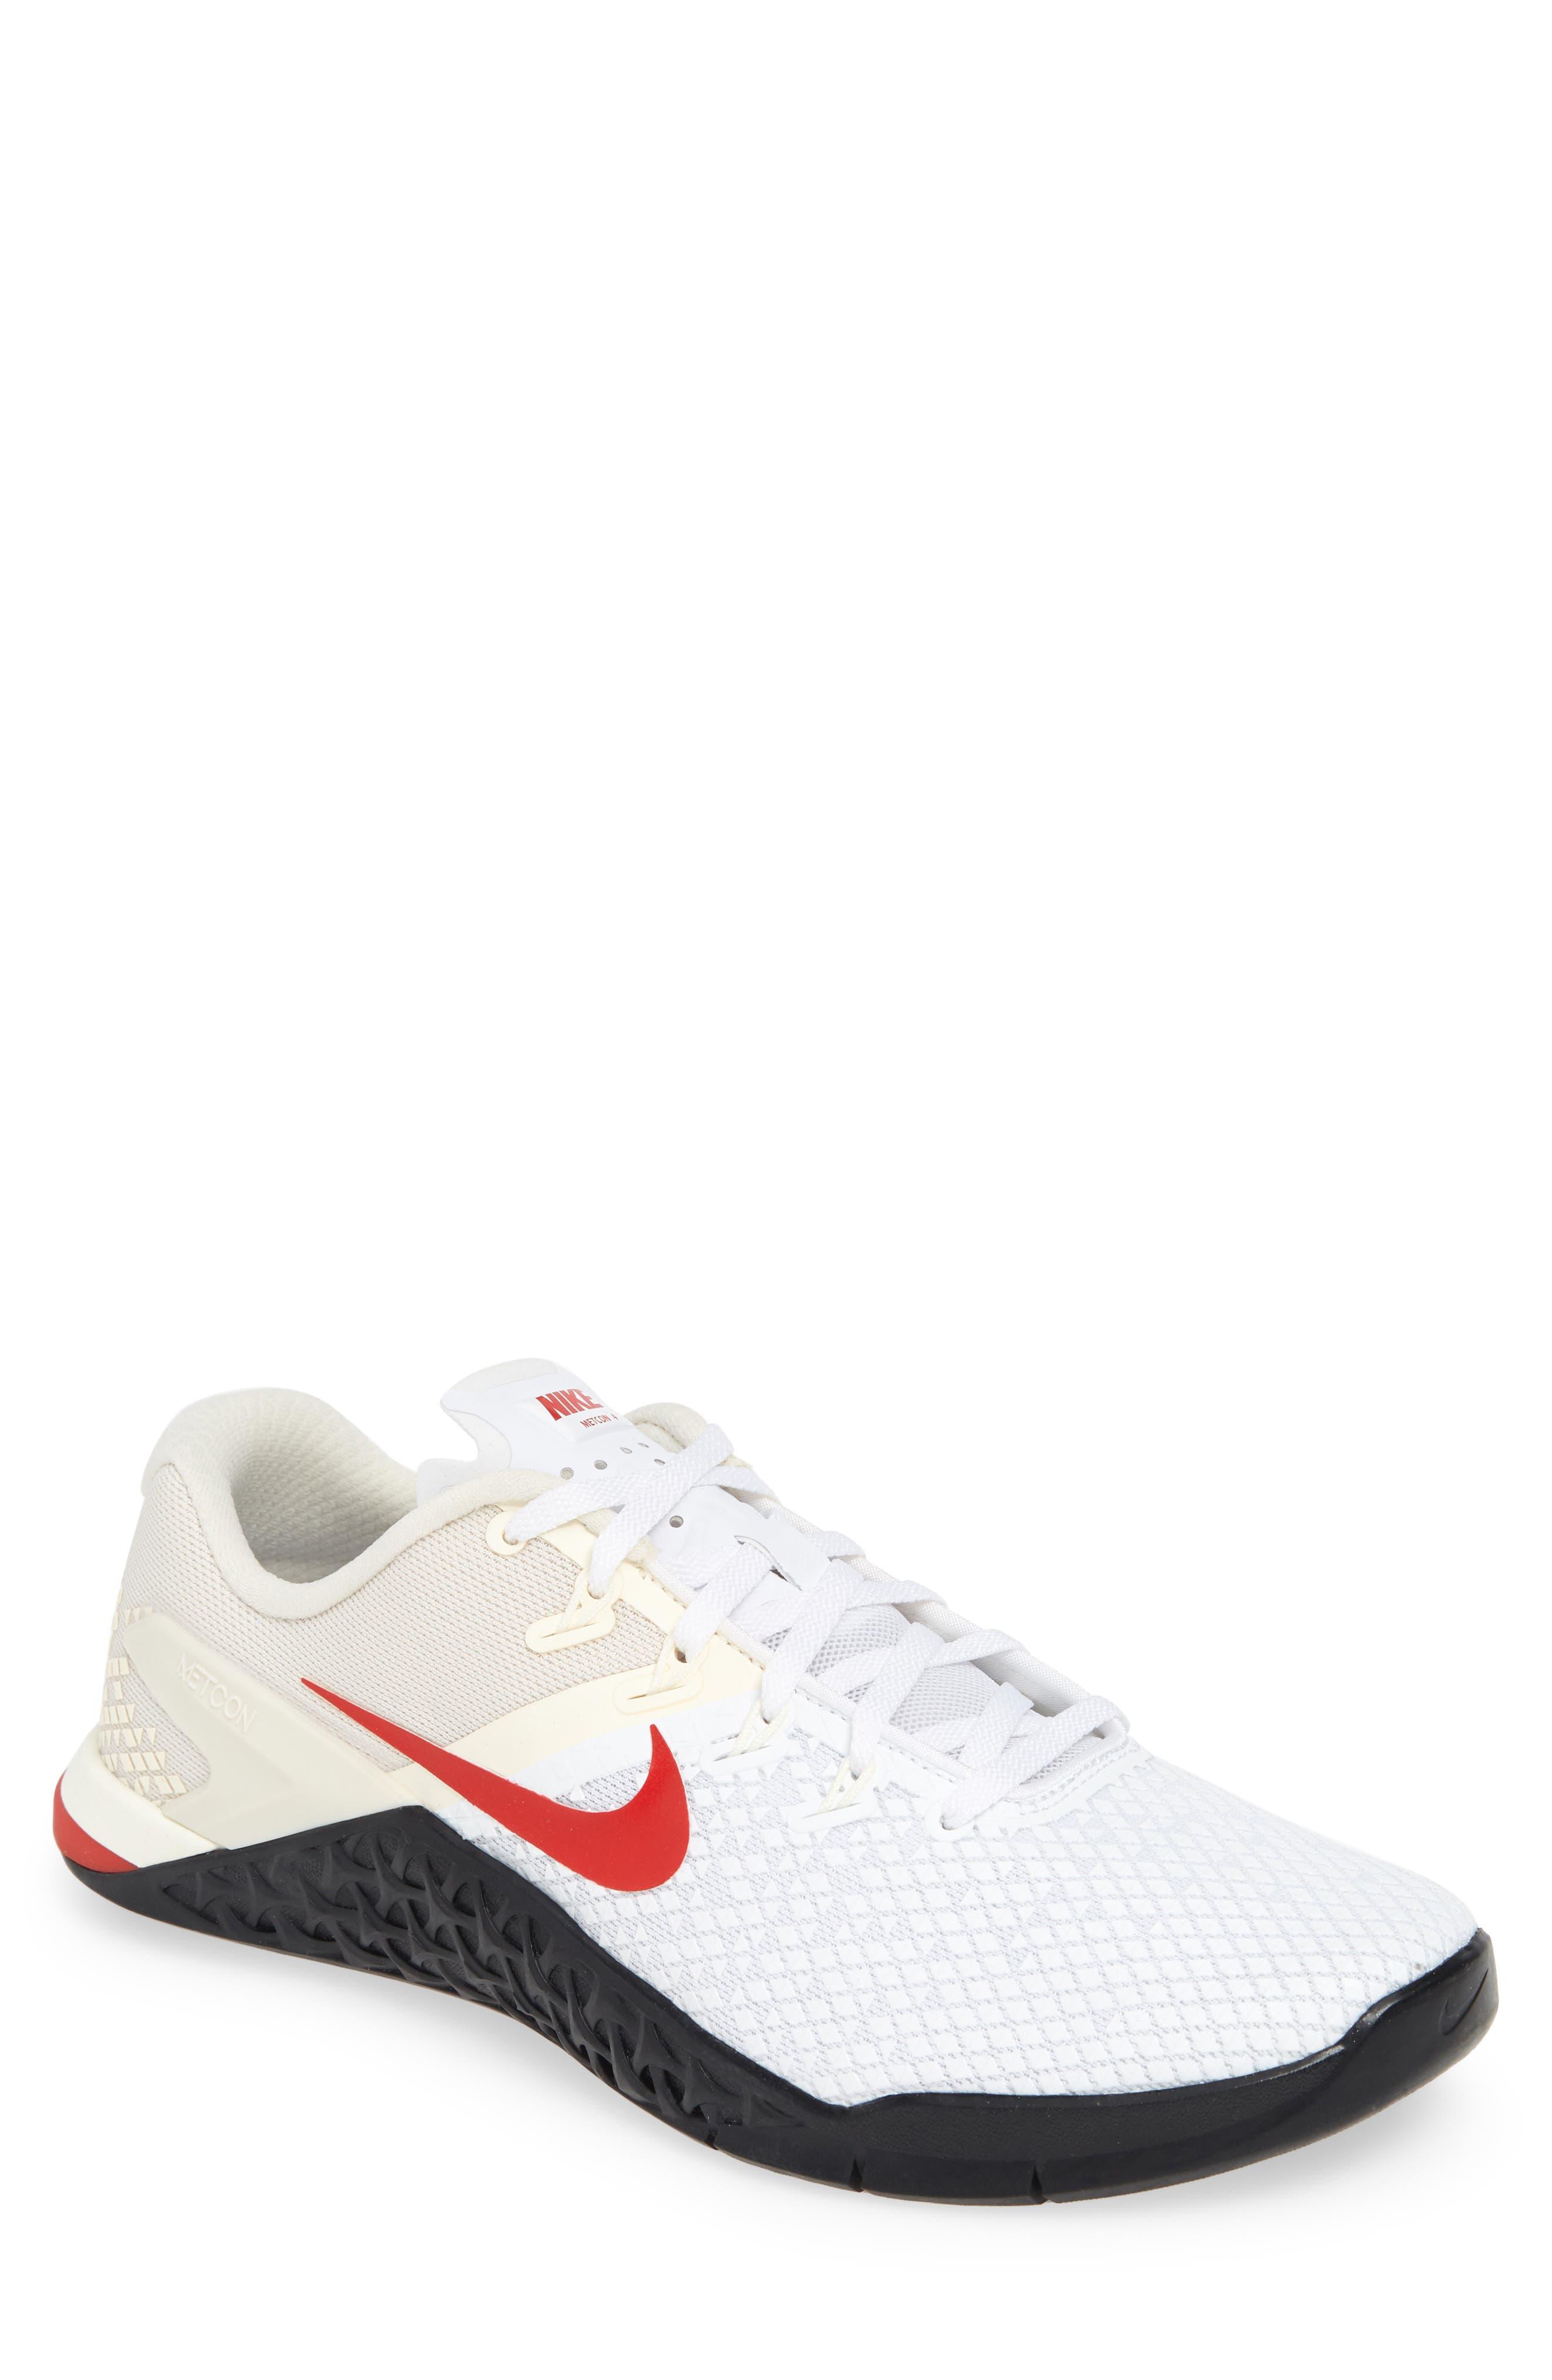 Nike Metcon 4 XD Training Shoe (Men